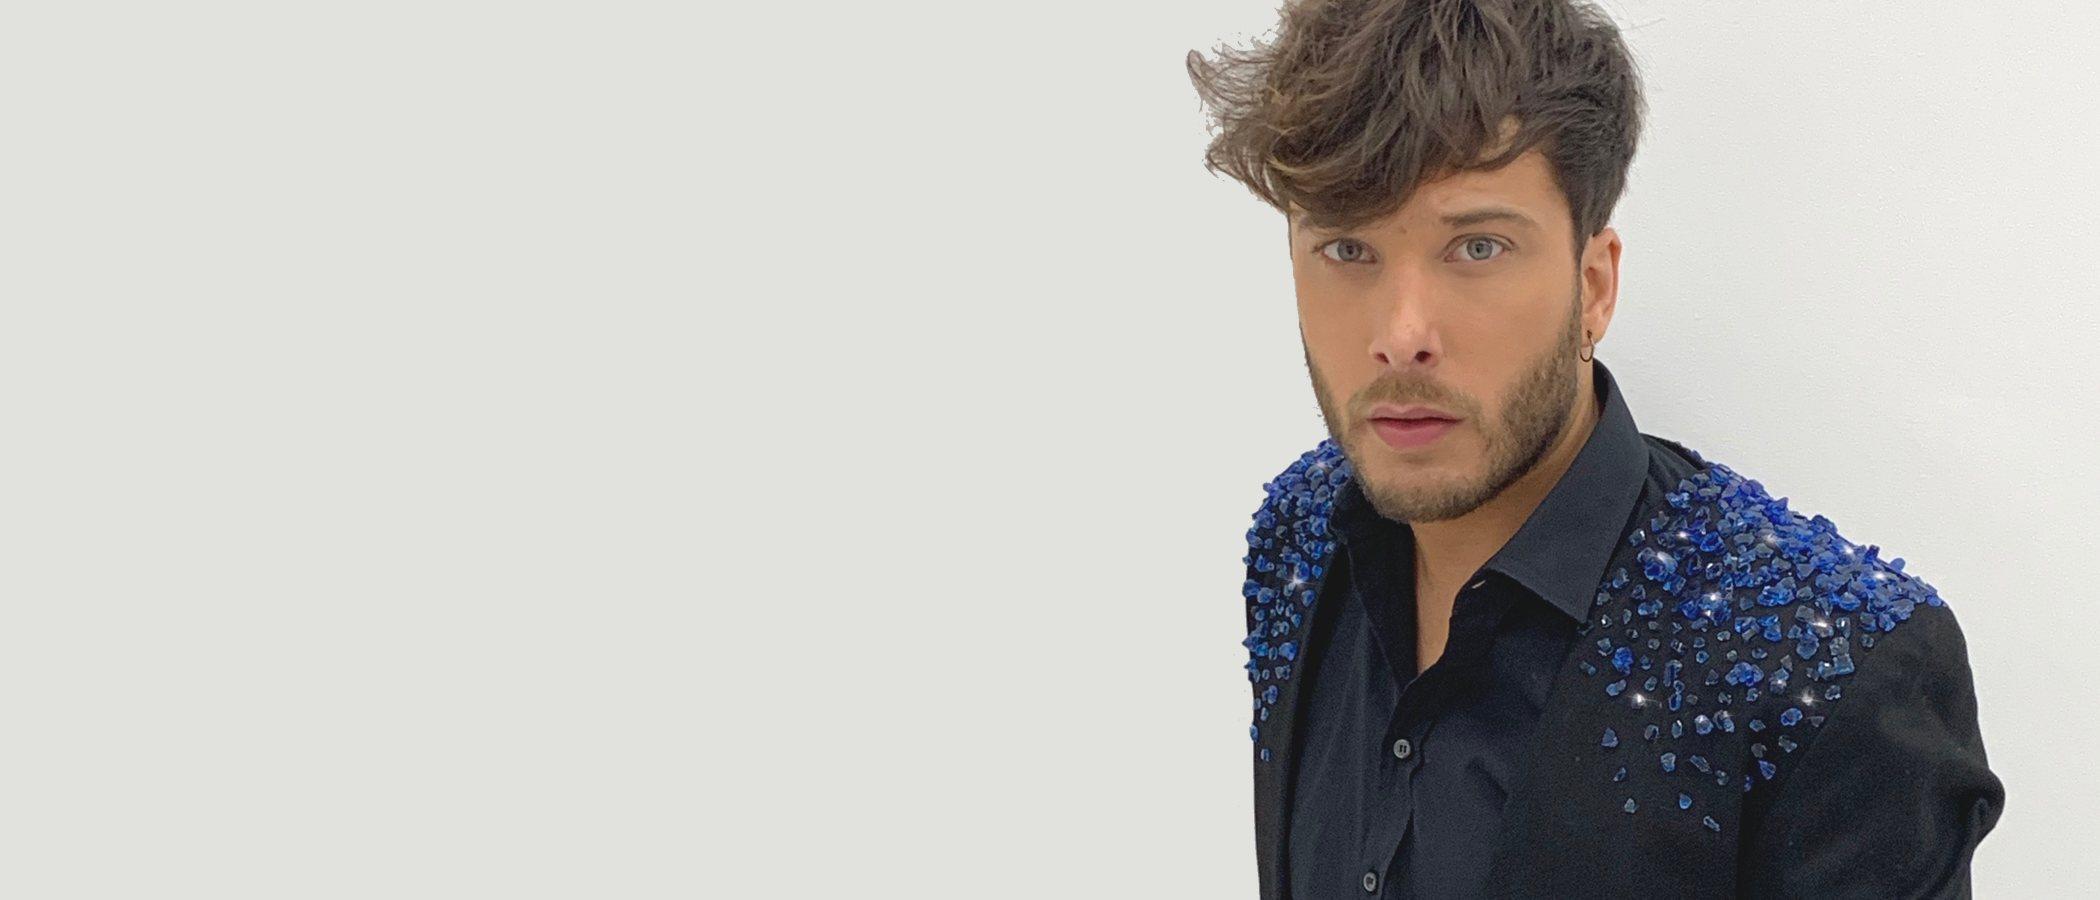 El importante mensaje que escondía la chaqueta que lució Blas Cantó en 'Destino Eurovision 2021'